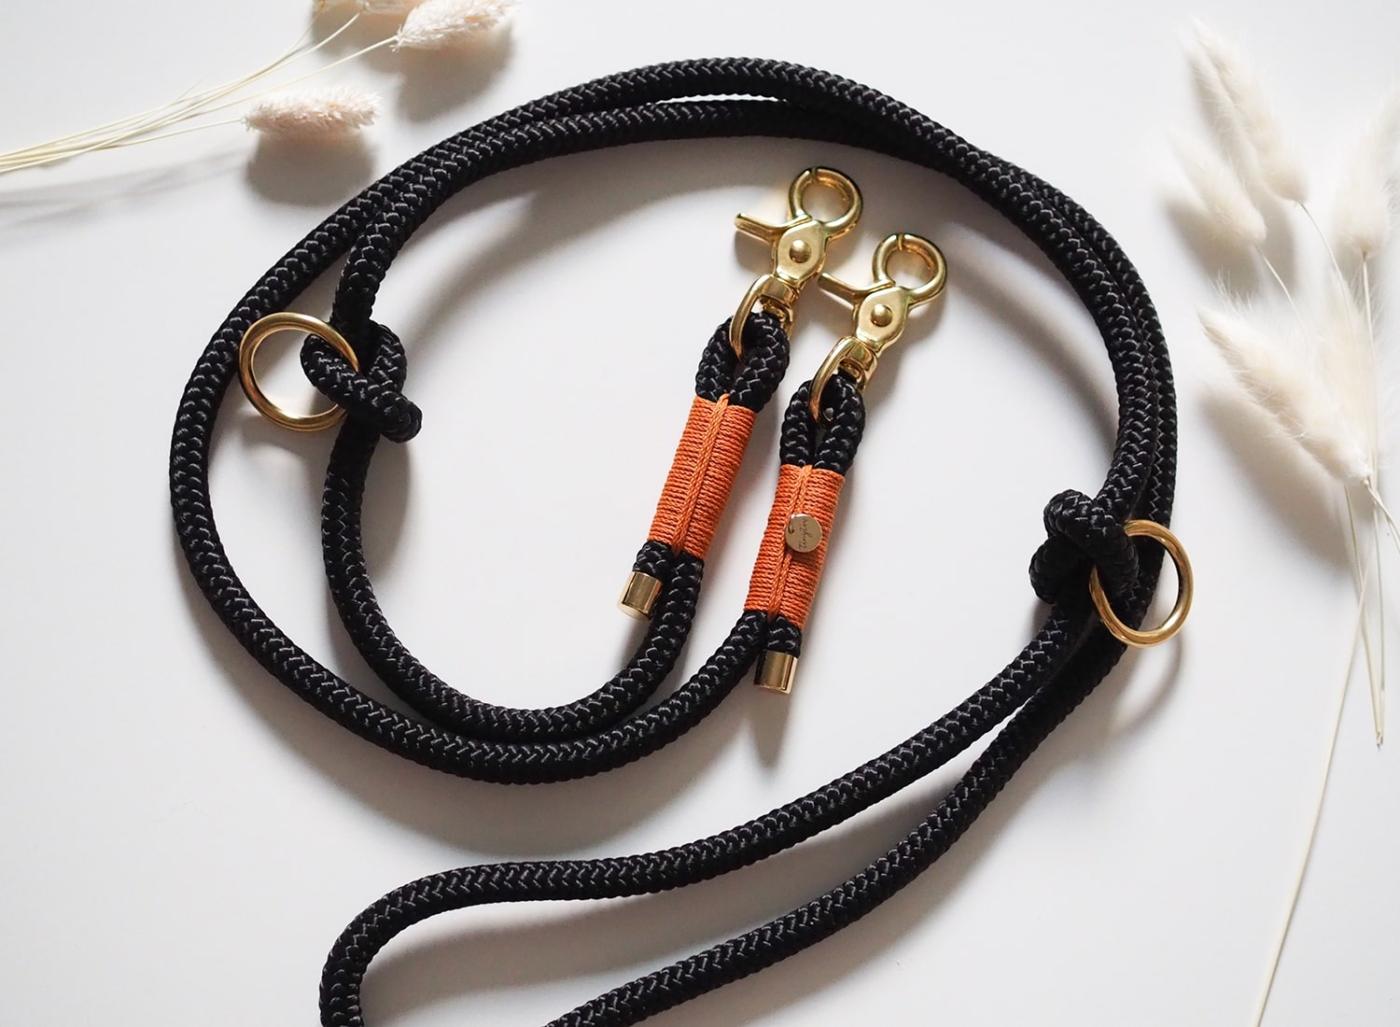 Handgemachte Hundeleine aus Tau in schwarz, camel mit goldfarbenen Details.